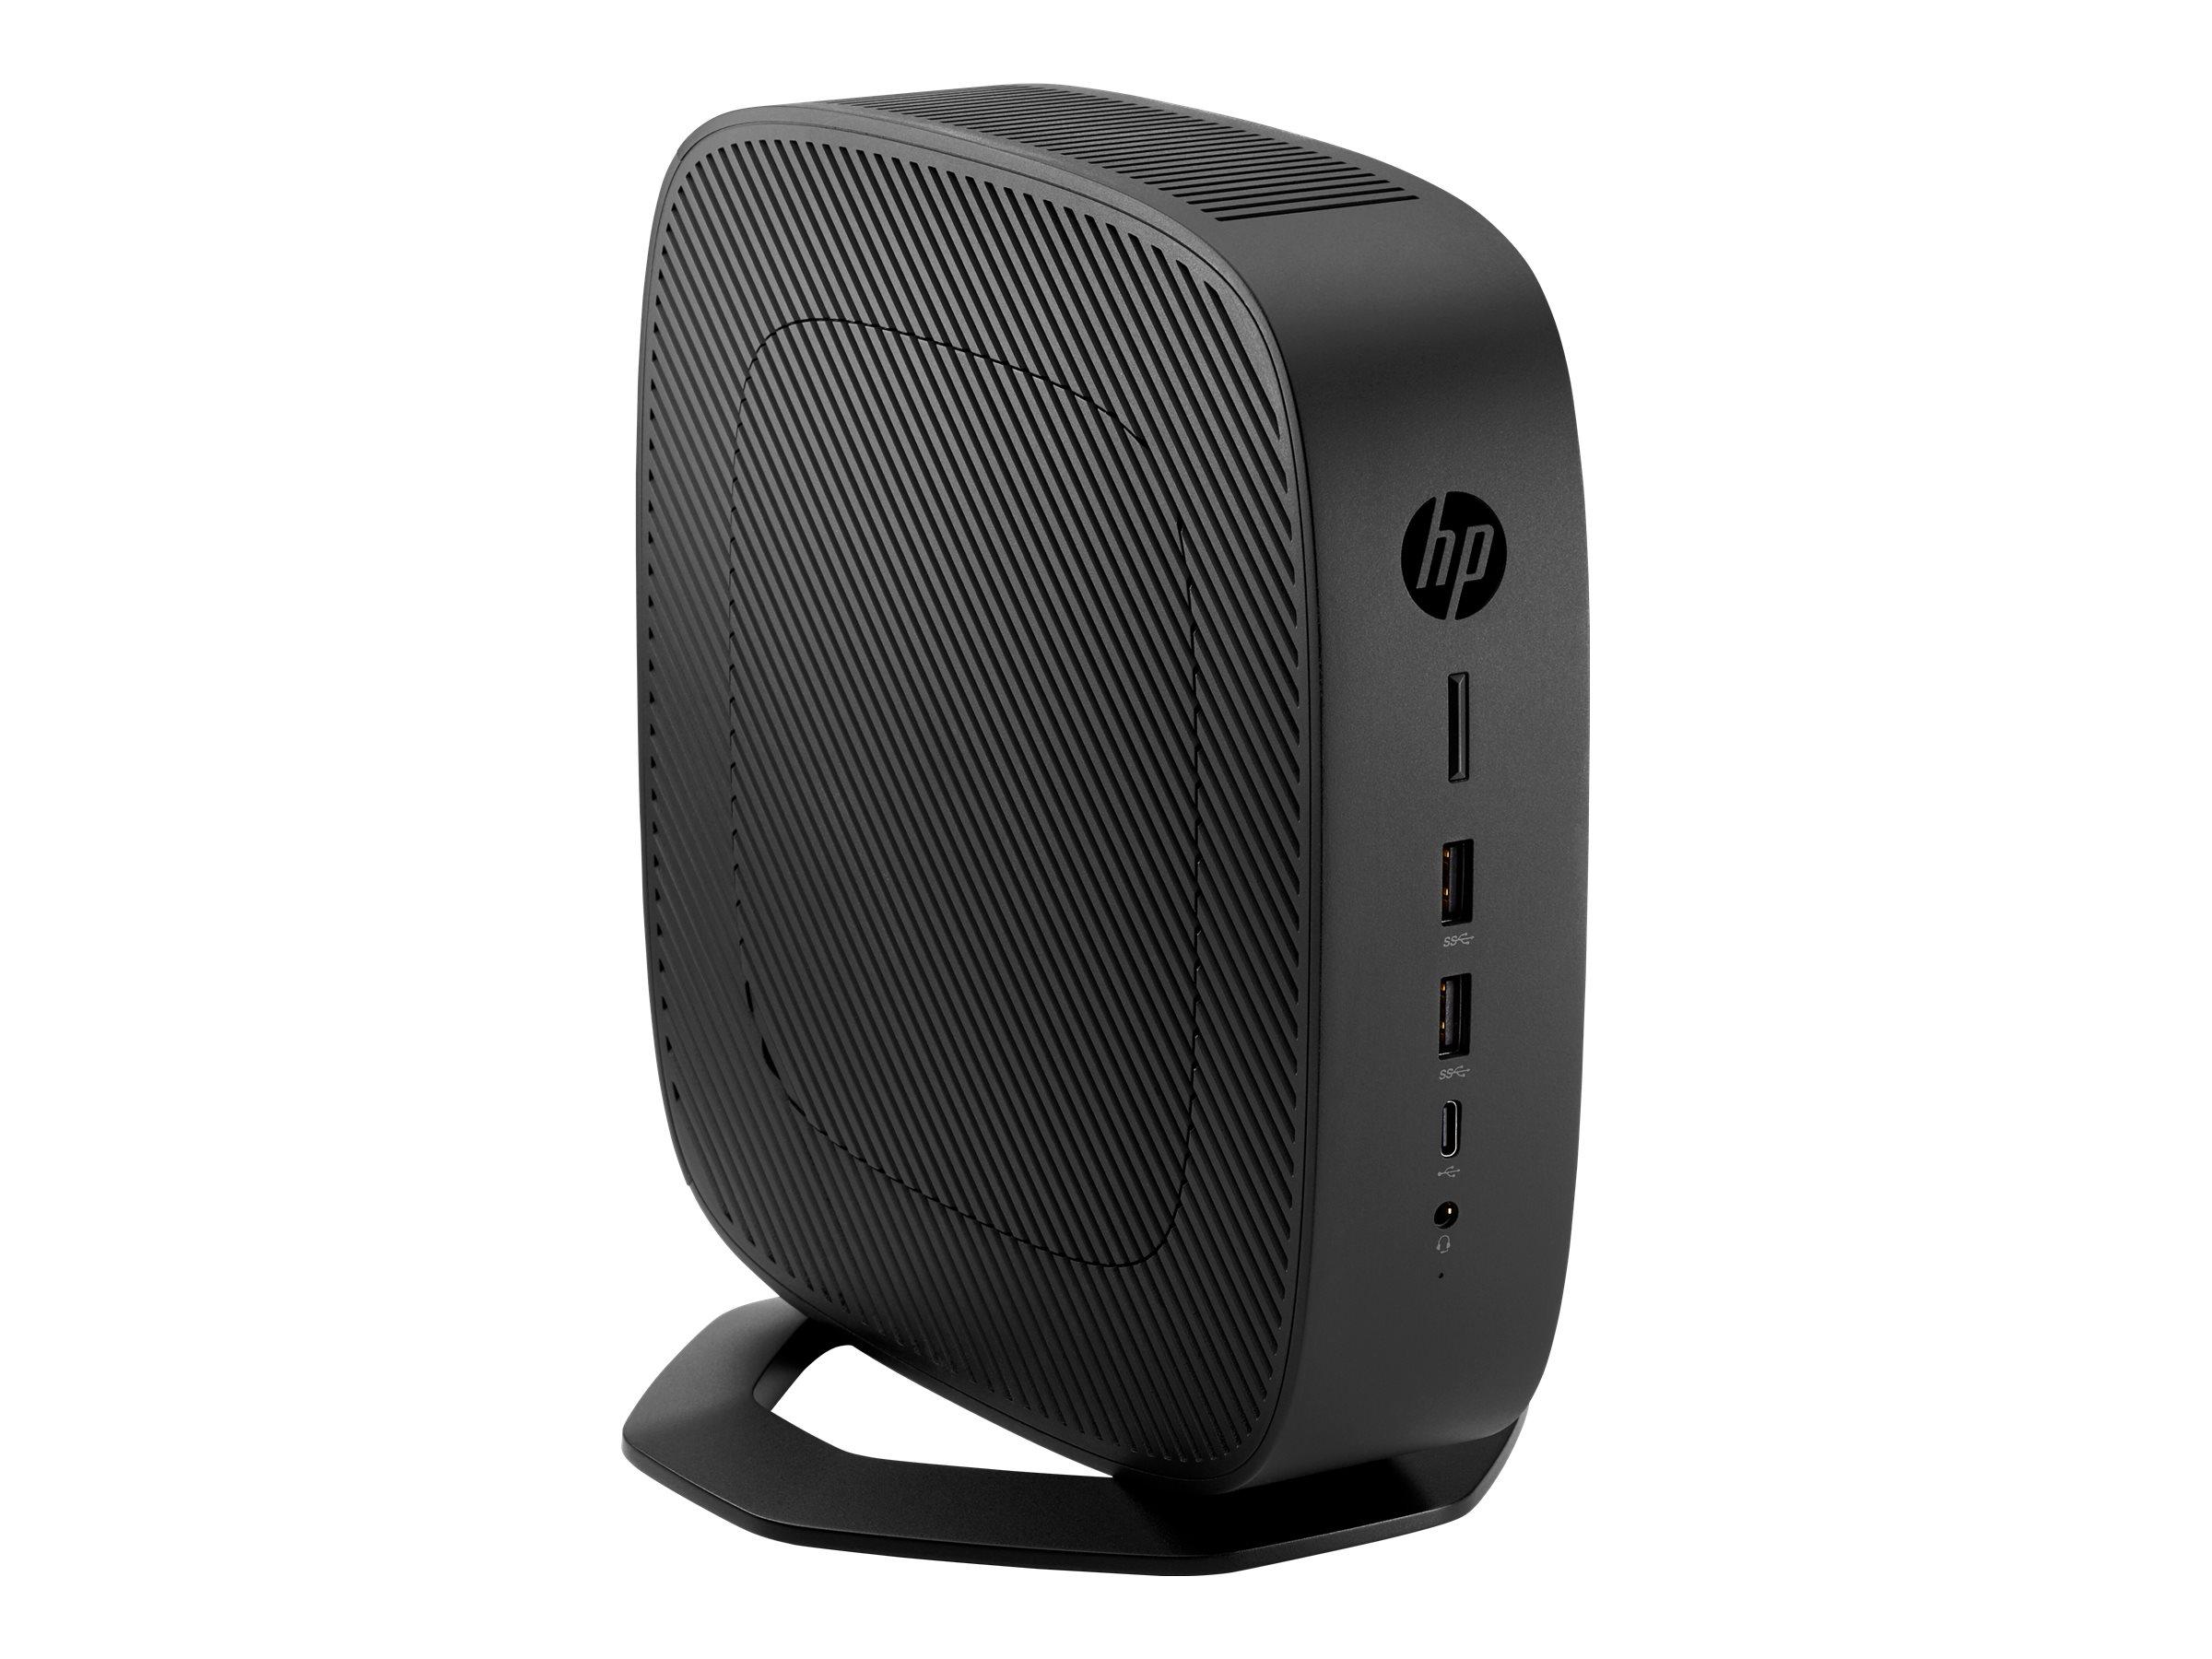 HP t740 - SFF - Ryzen Embedded V1756B 3.25 GHz - 8 GB - flash 16 GB - US